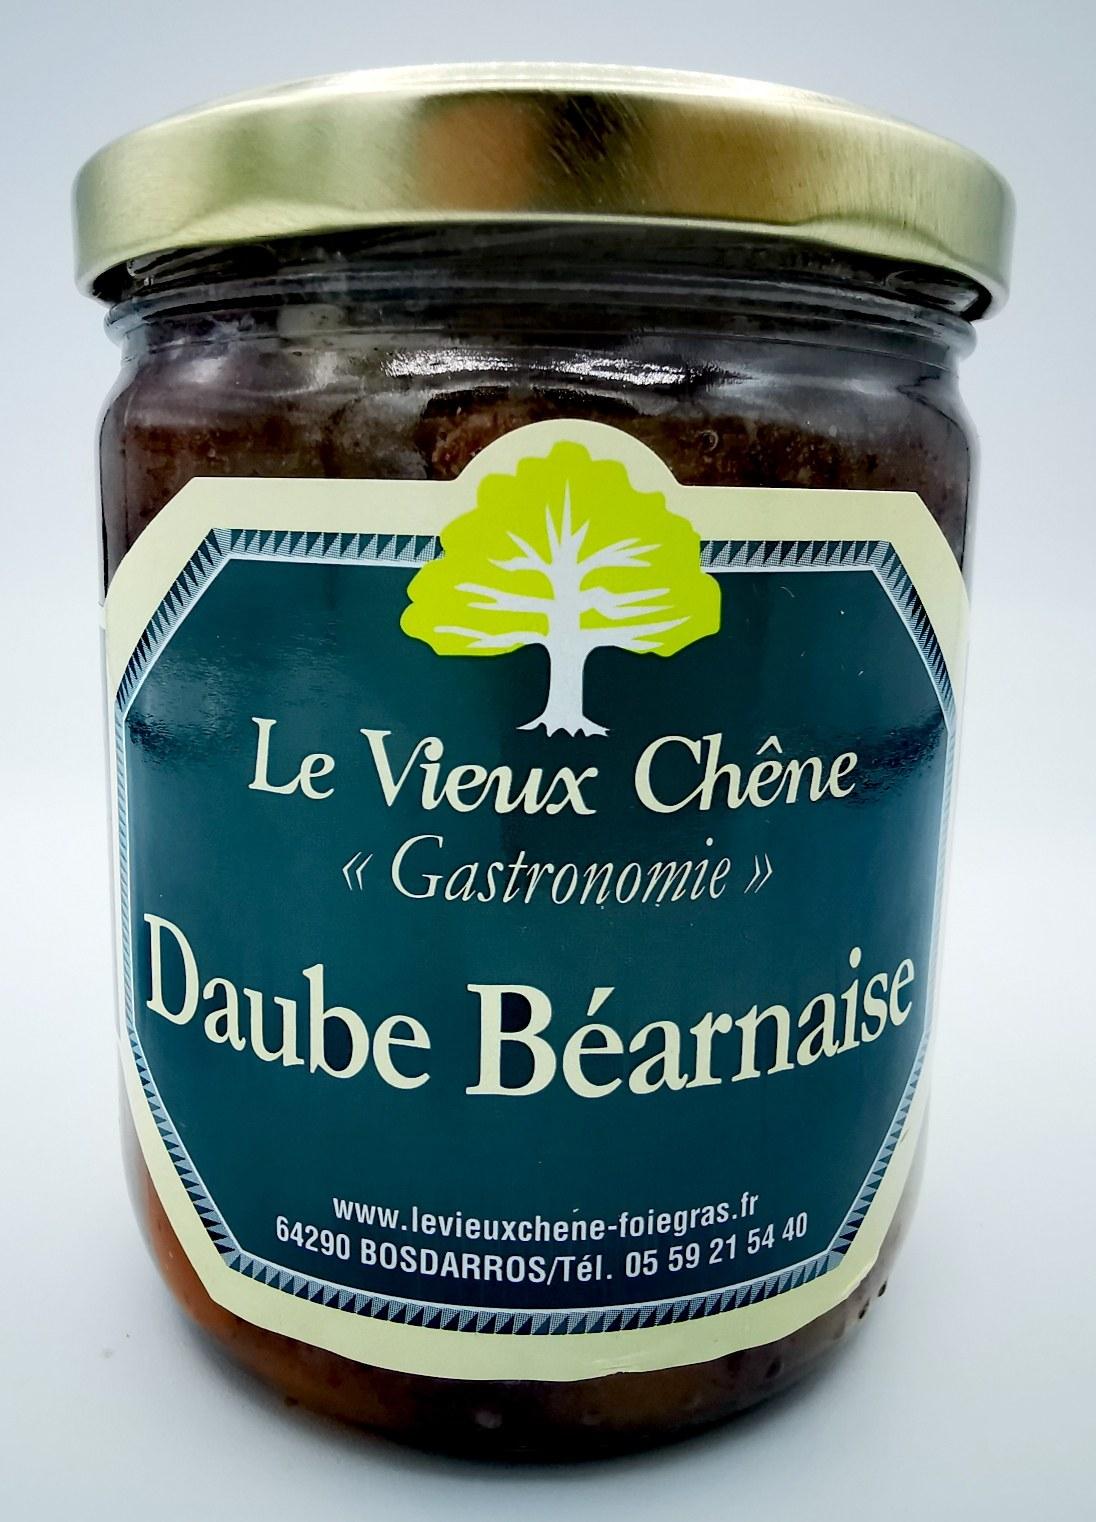 Daube Béarnaise - le vieux chêne - charcuterie - vallée d'aspe - local